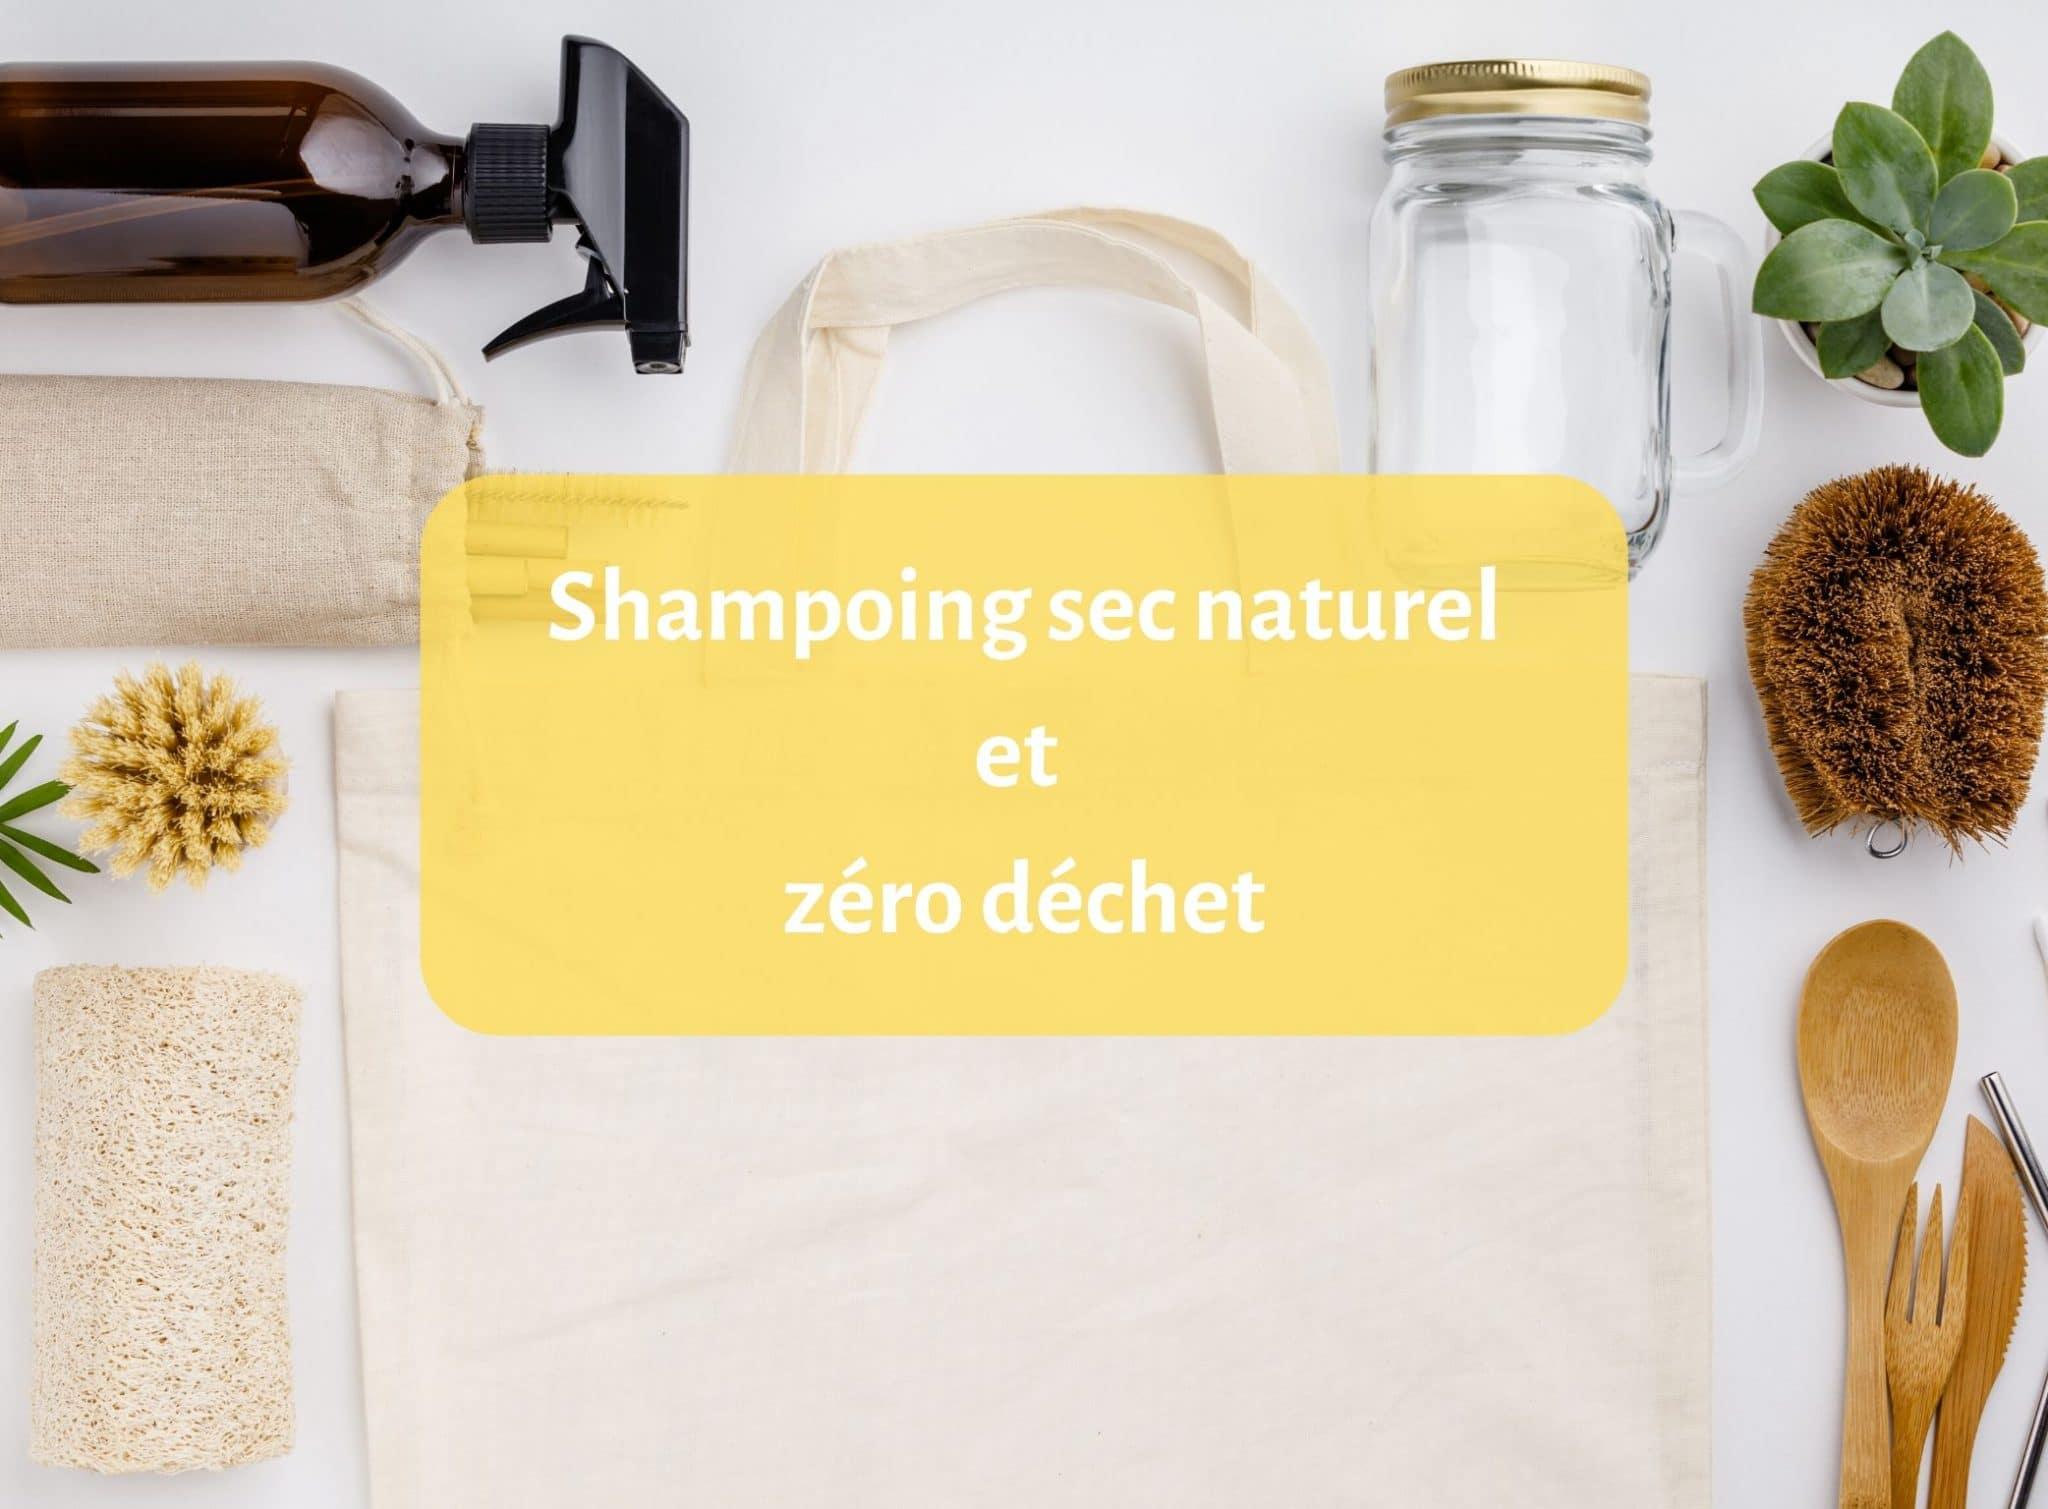 Les shampoings secs naturels et le zéro déchet 1